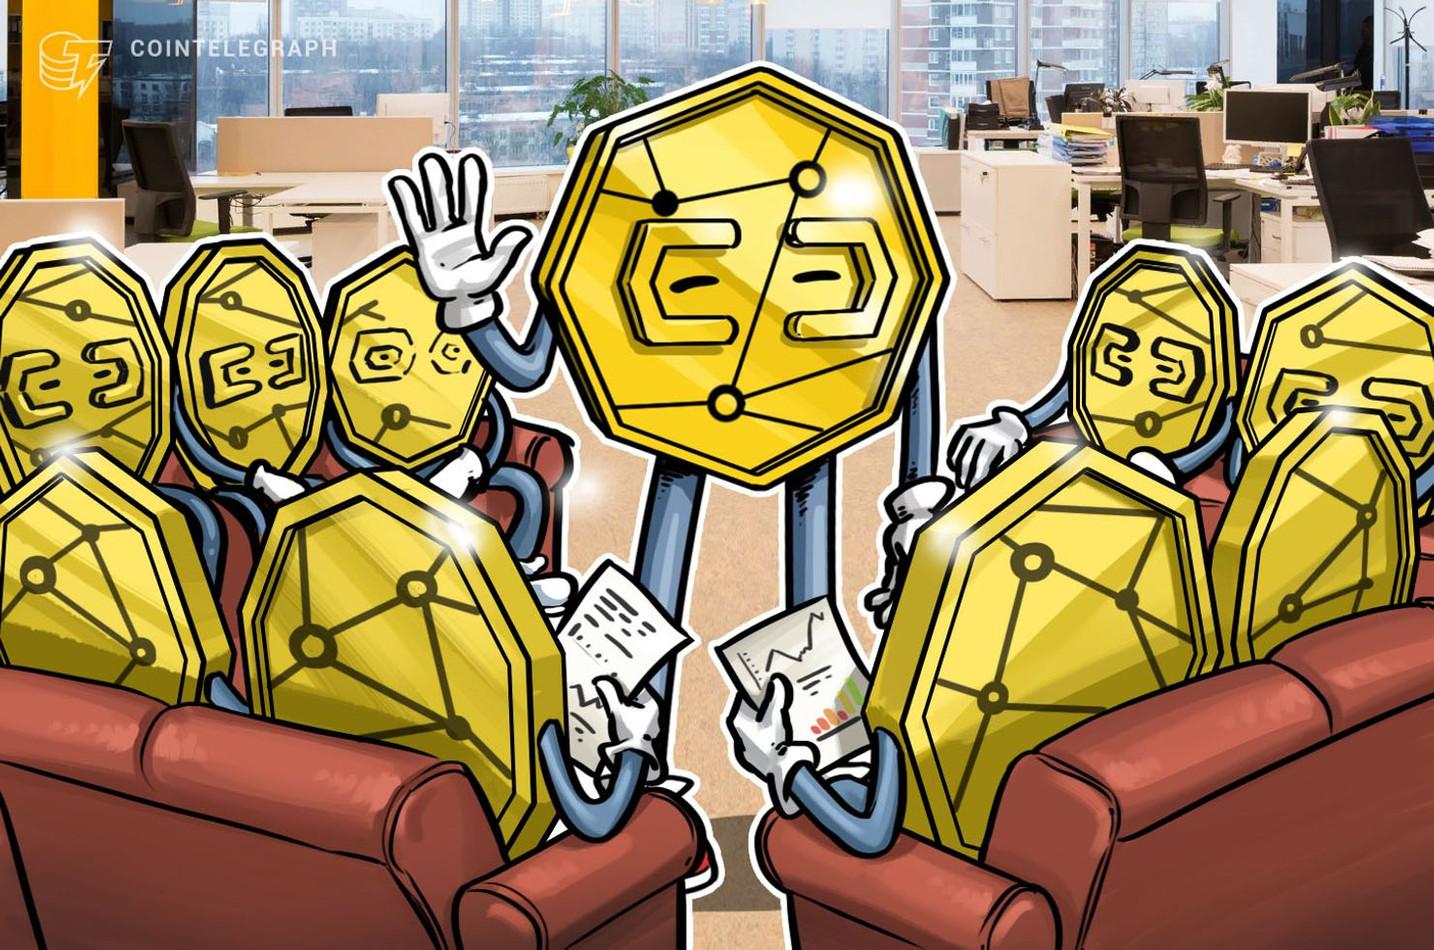 仮想通貨取引所OKExはレバレッジ倍率を5倍に引き上げ ビットコインやイーサリアムなど6種で対応